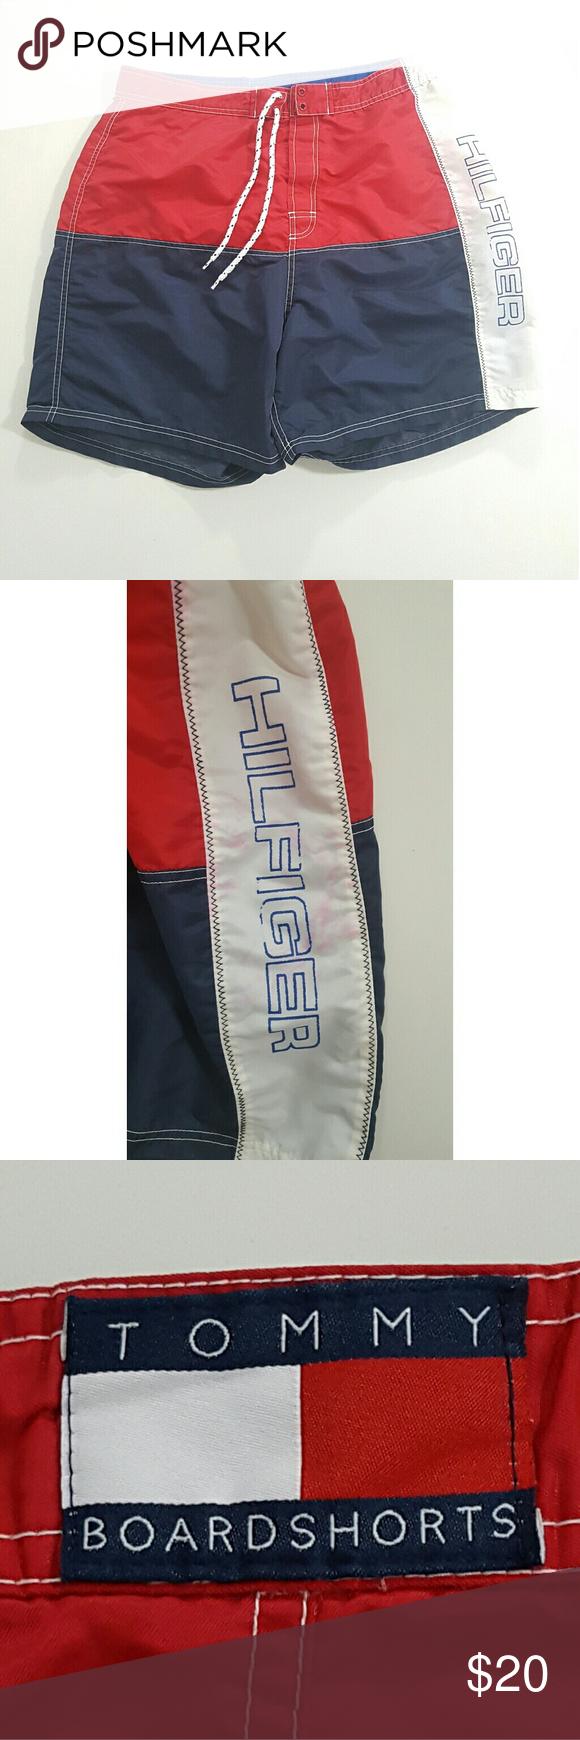 """Vintage Tommy Hilfiger Boardshorts XL 32-34"""" Vintage 90s Men's Tommy Hilfiger Boardshorts  Size 32""""-34"""" Shorter cut Tommy Hilfiger Swim Board Shorts"""